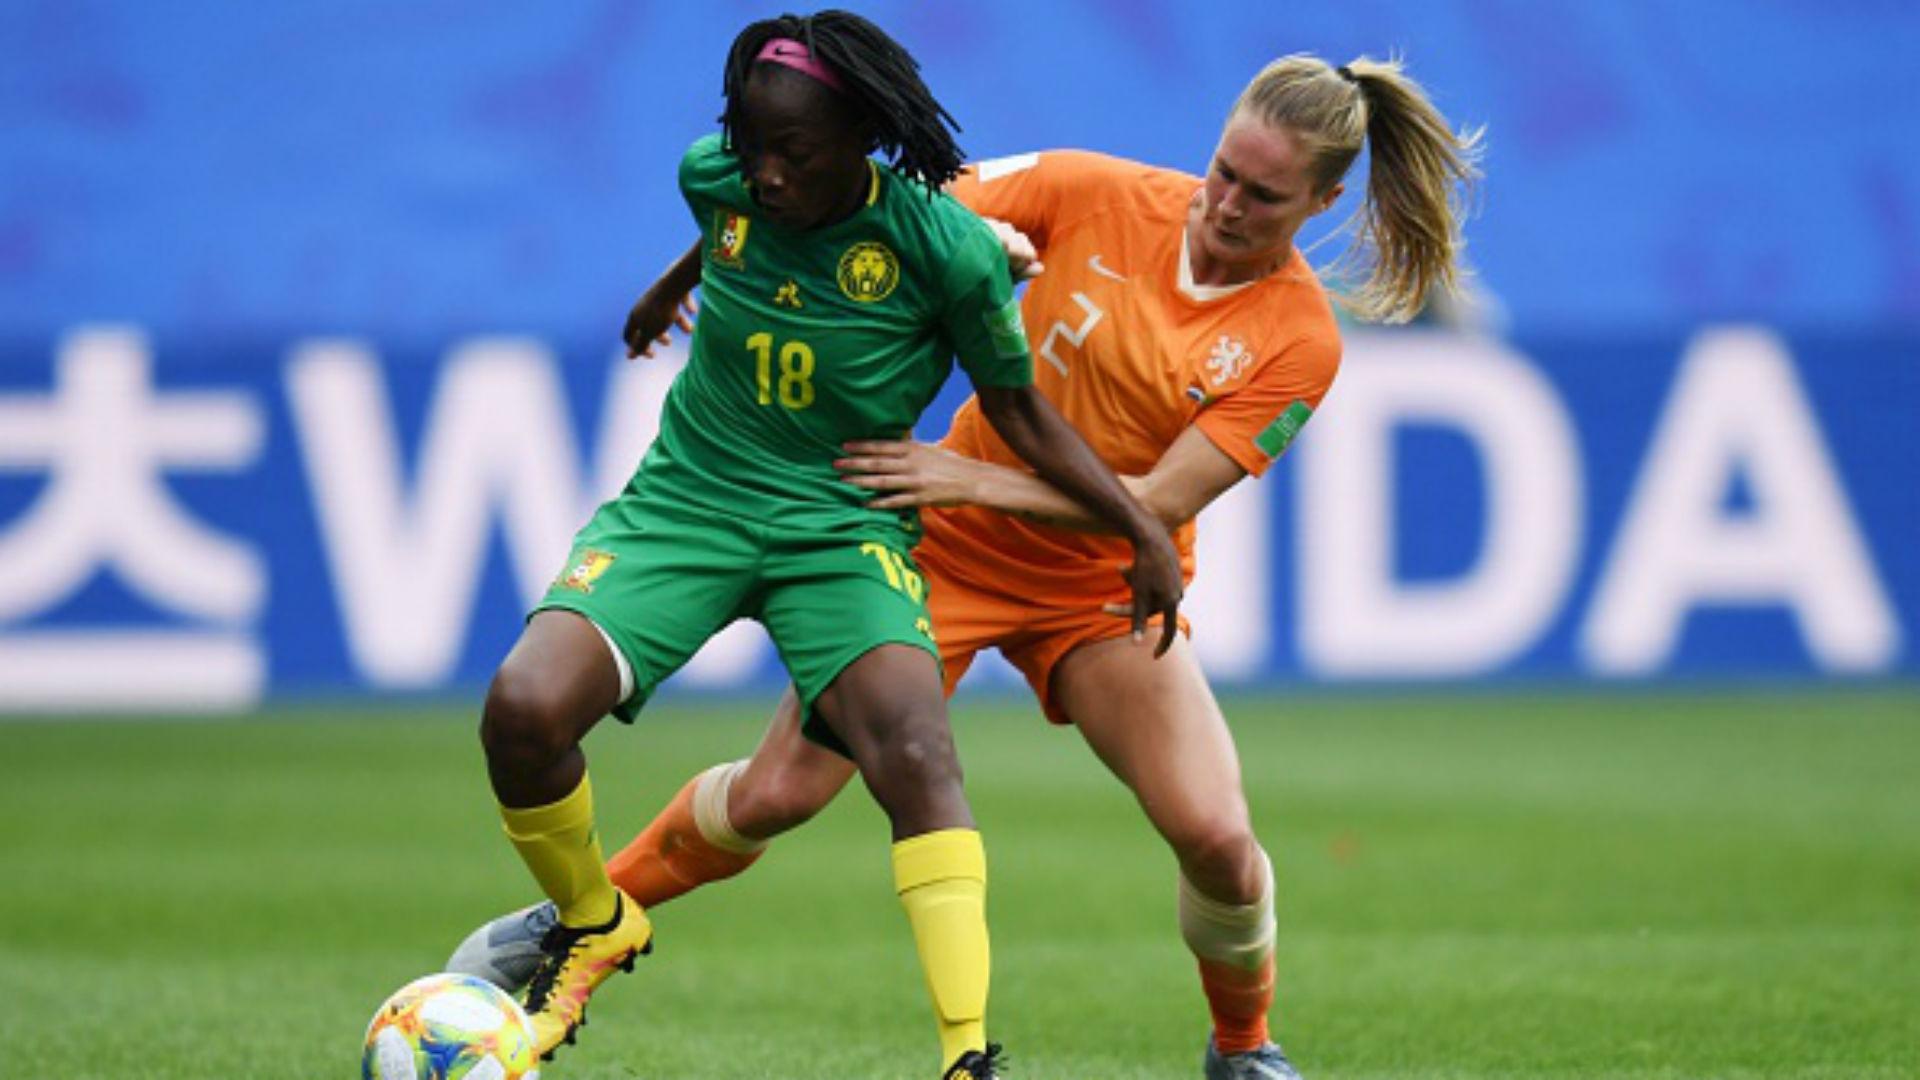 Henriette Akaba: Soyaux sign Cameroon striker from Minsk